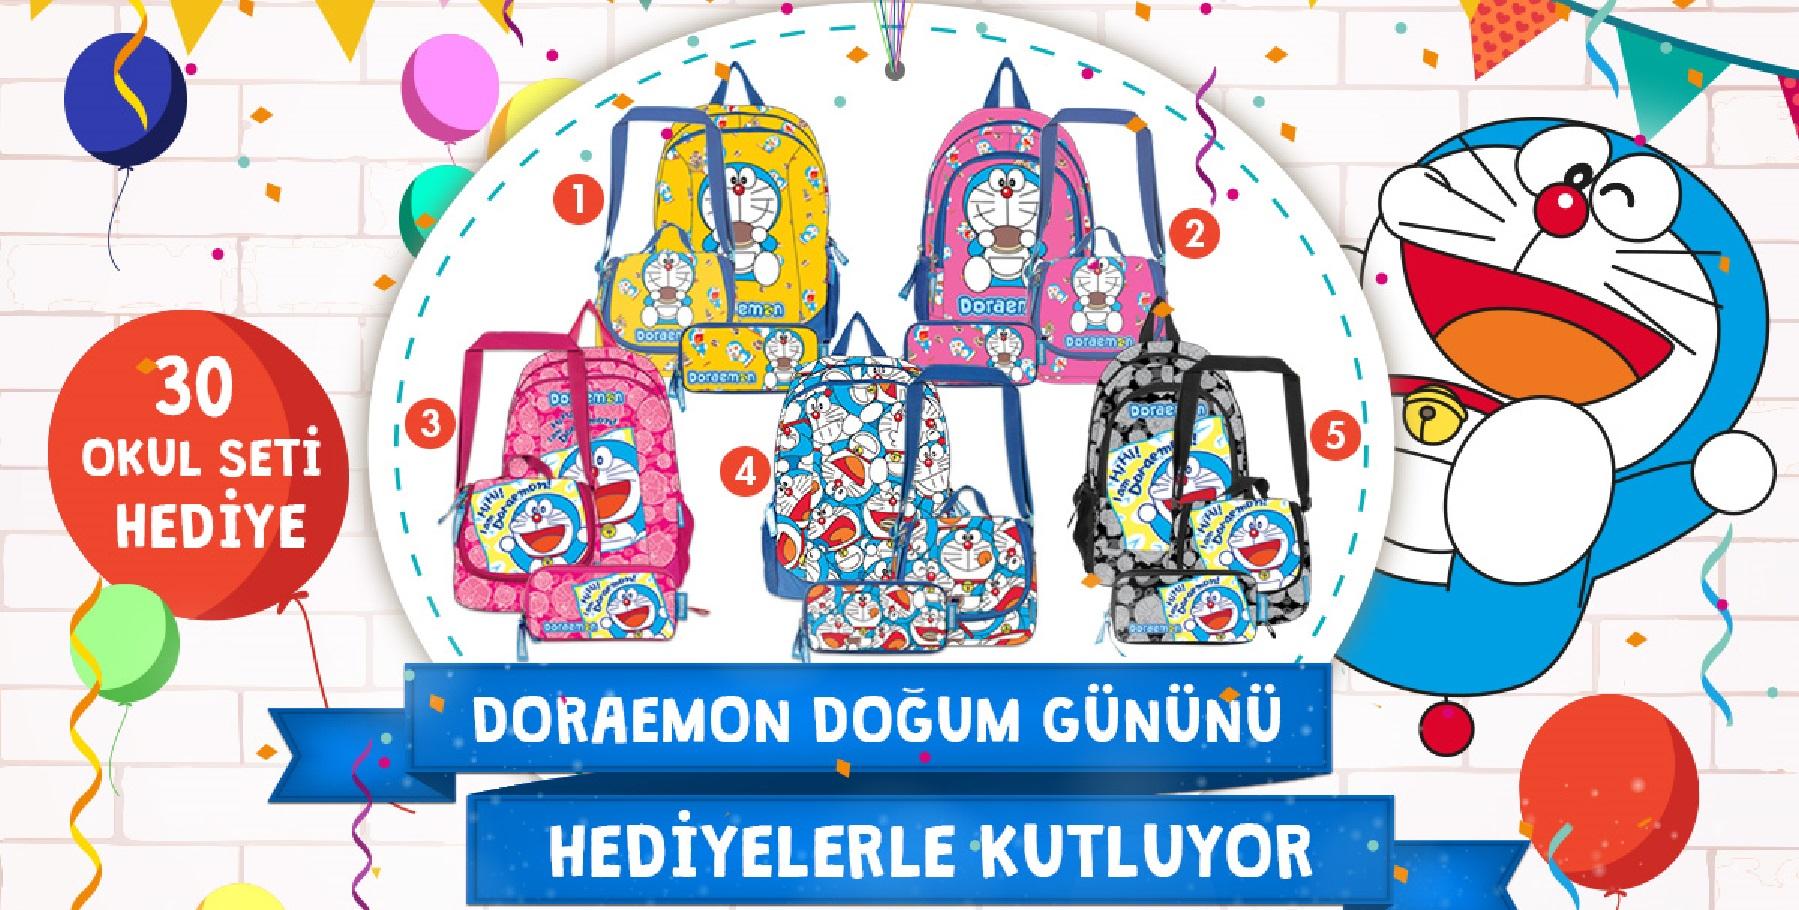 doraemon doğum günü hediyeleri, doraemon çanta